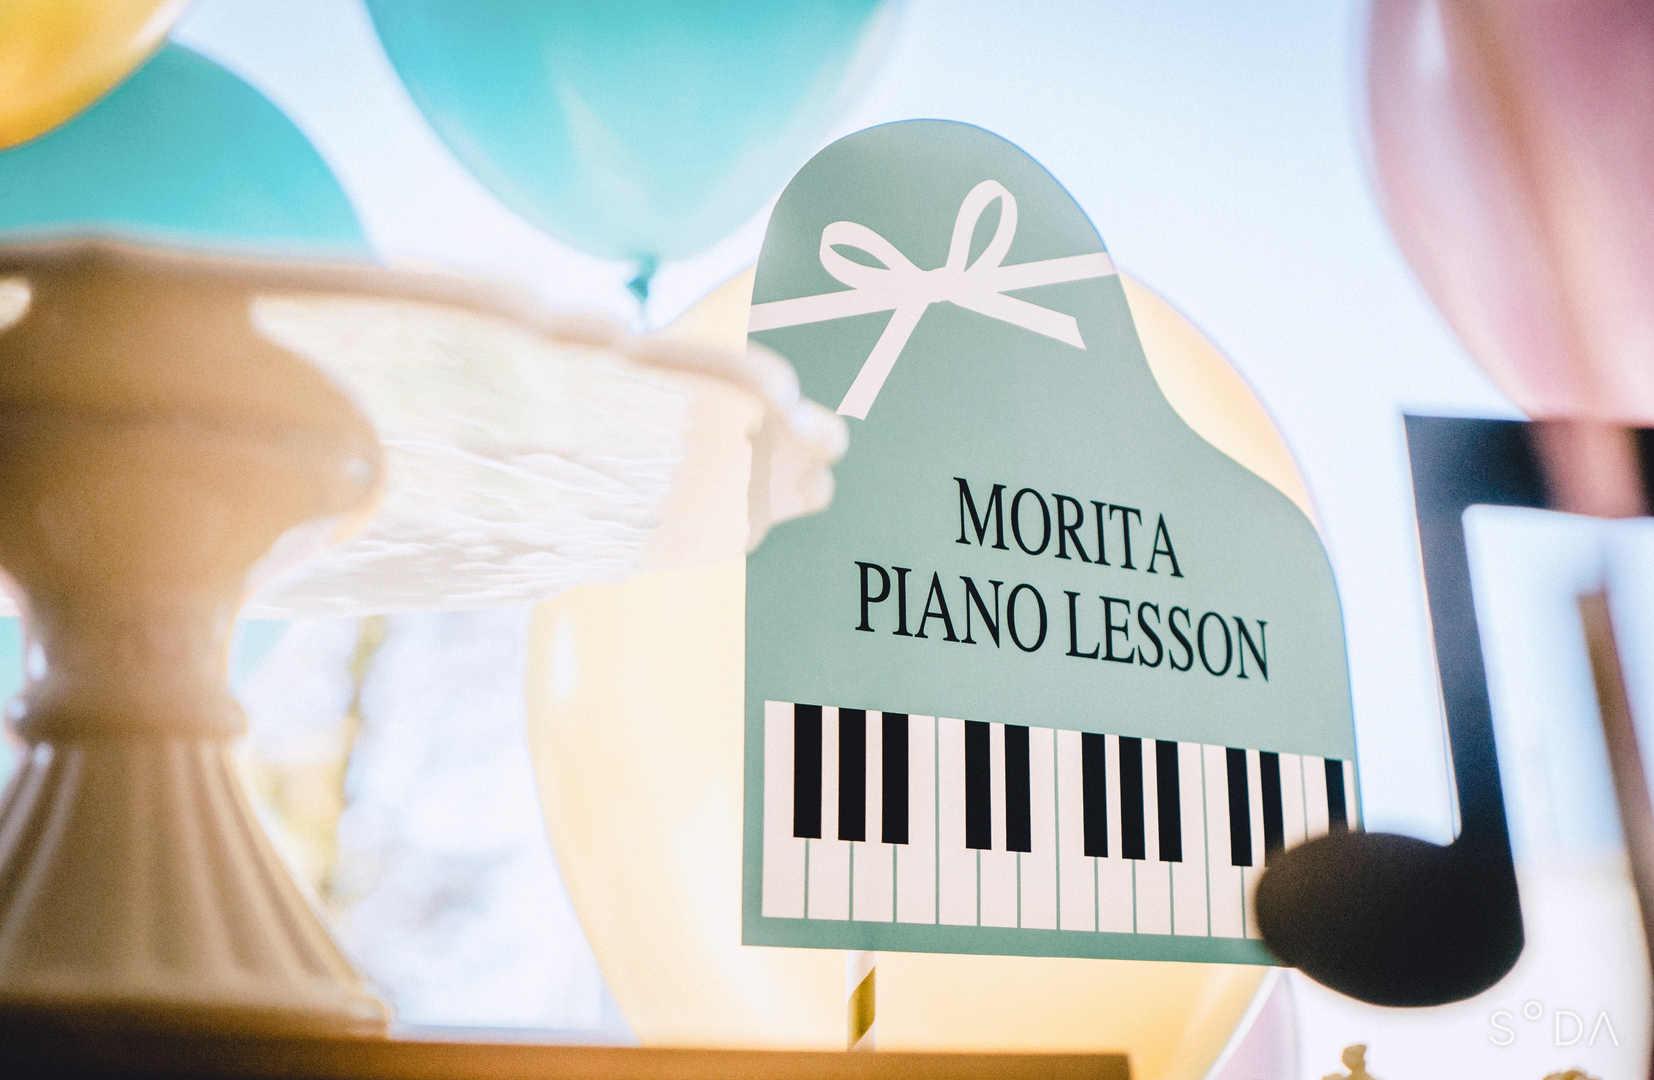 MORITA PIANO LESSON